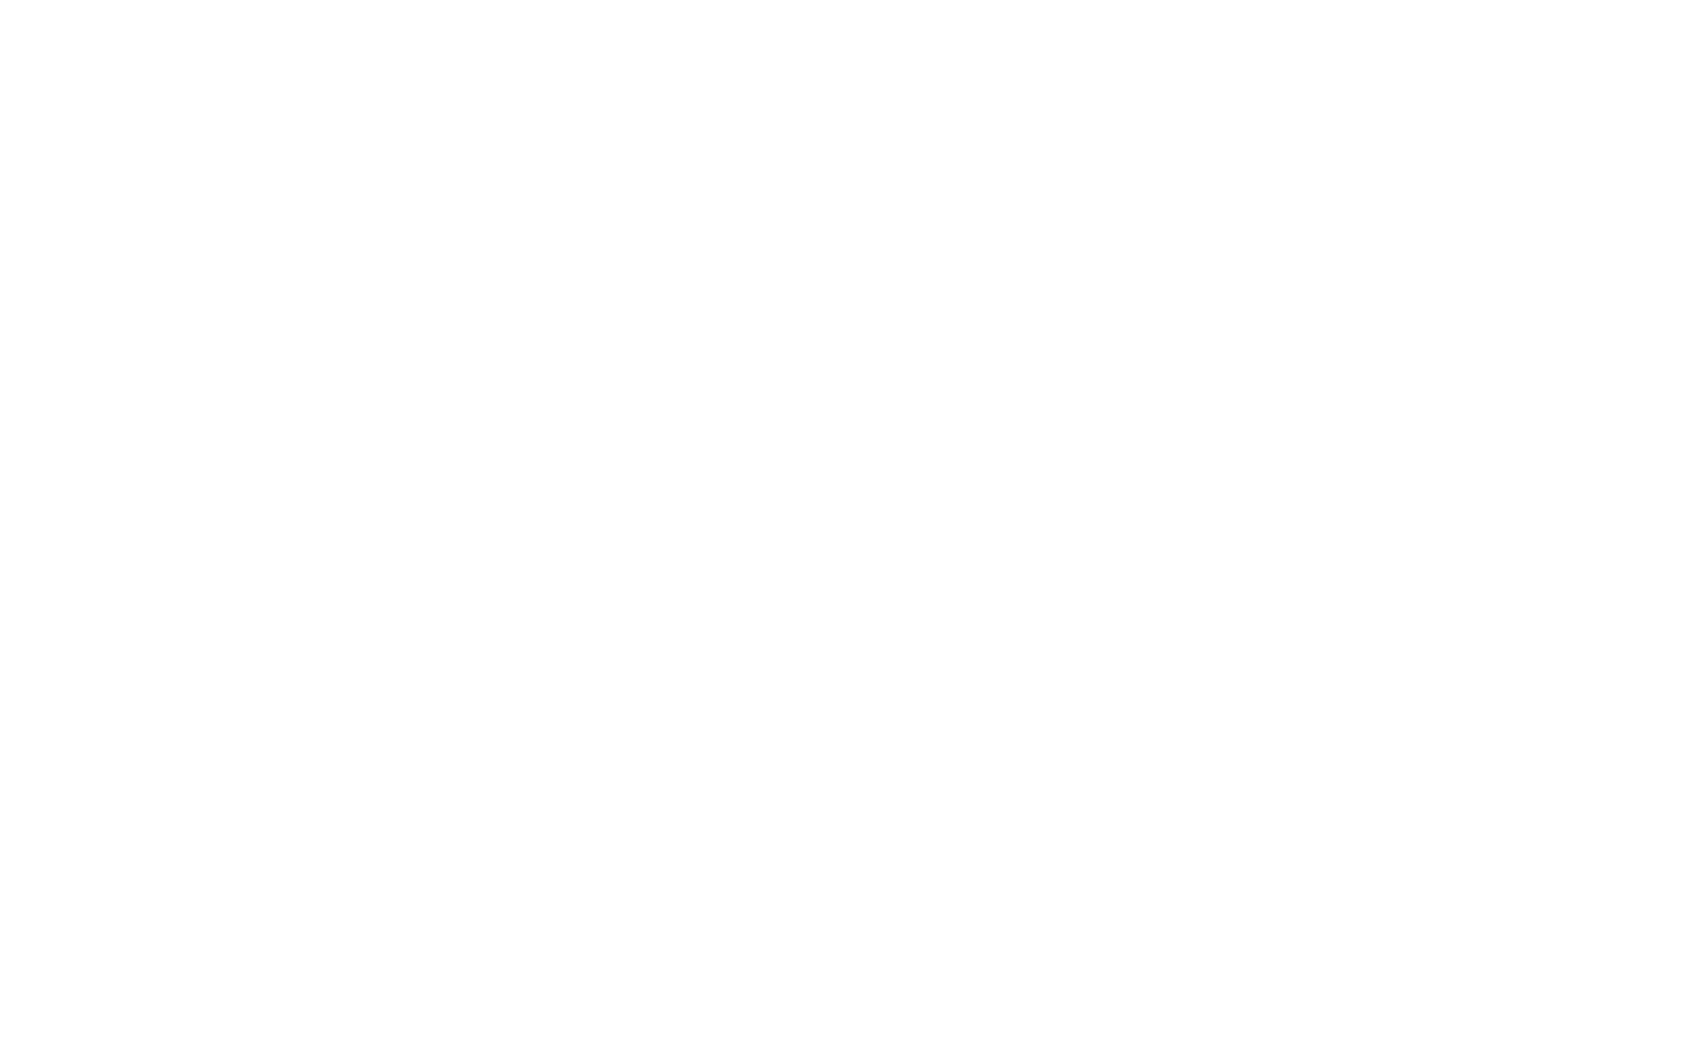 PajakTrans - Strona internetowa - Realizacje Manley.pl